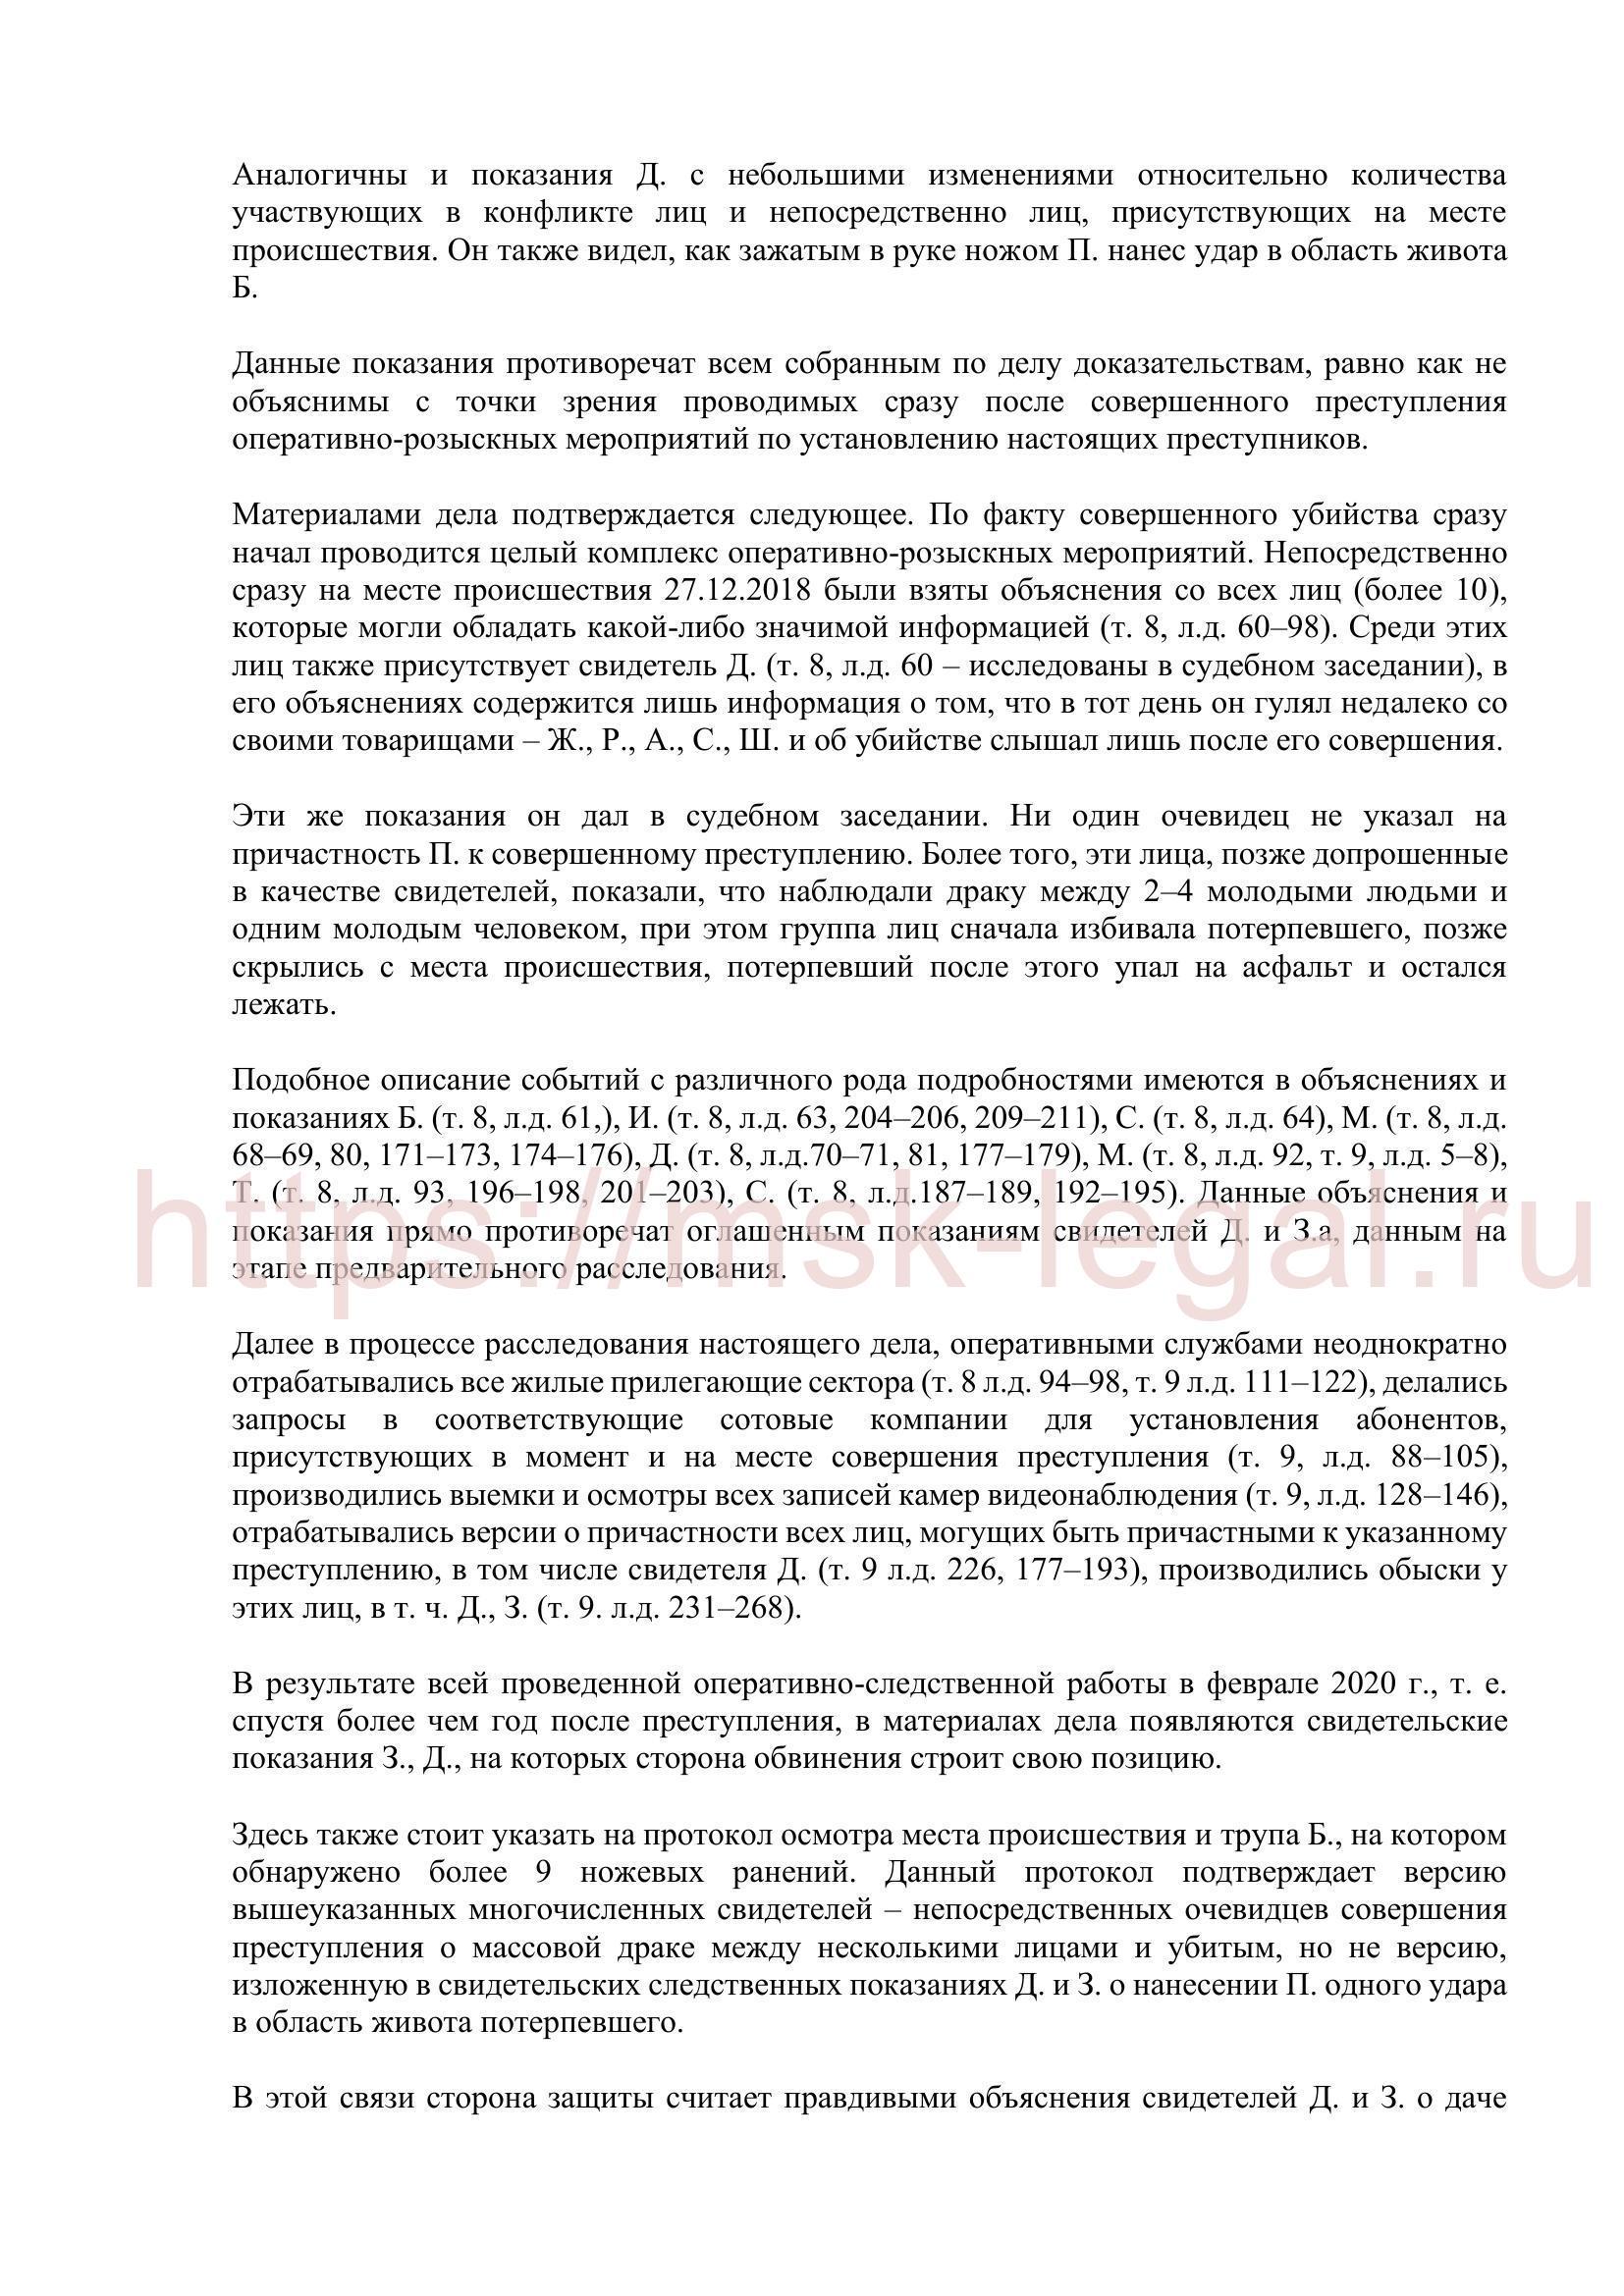 Тезисы к выступлению адвоката Хоруженко А. С. по уголовному делу об убийстве